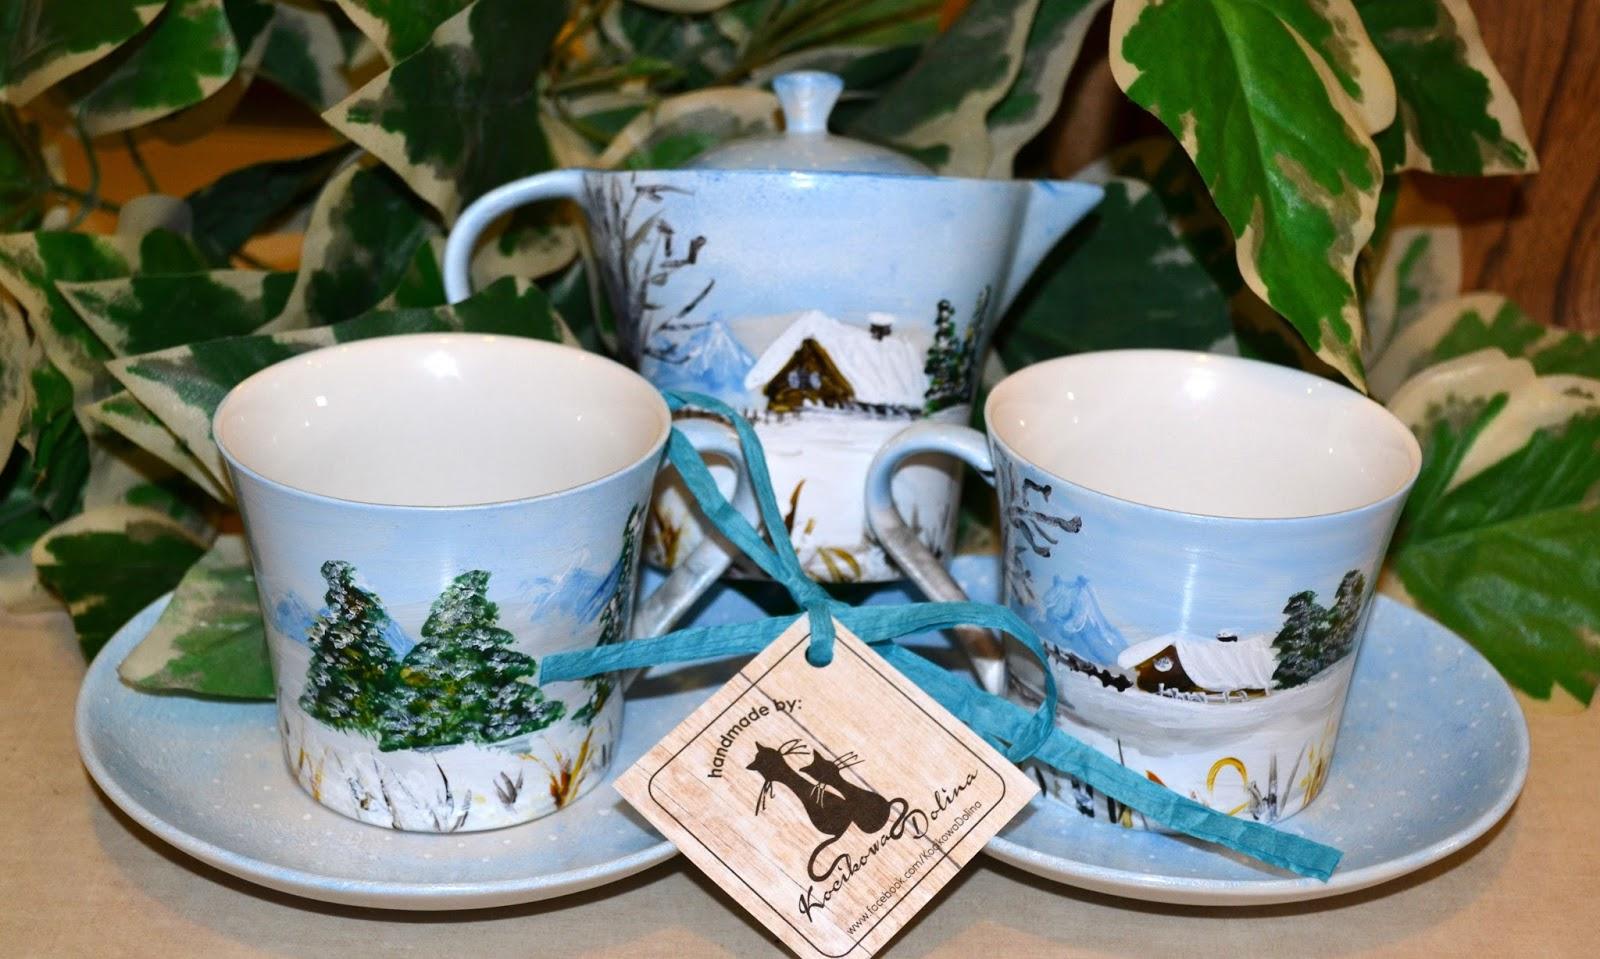 Święta, święta i po świętach... i coś o prezentach